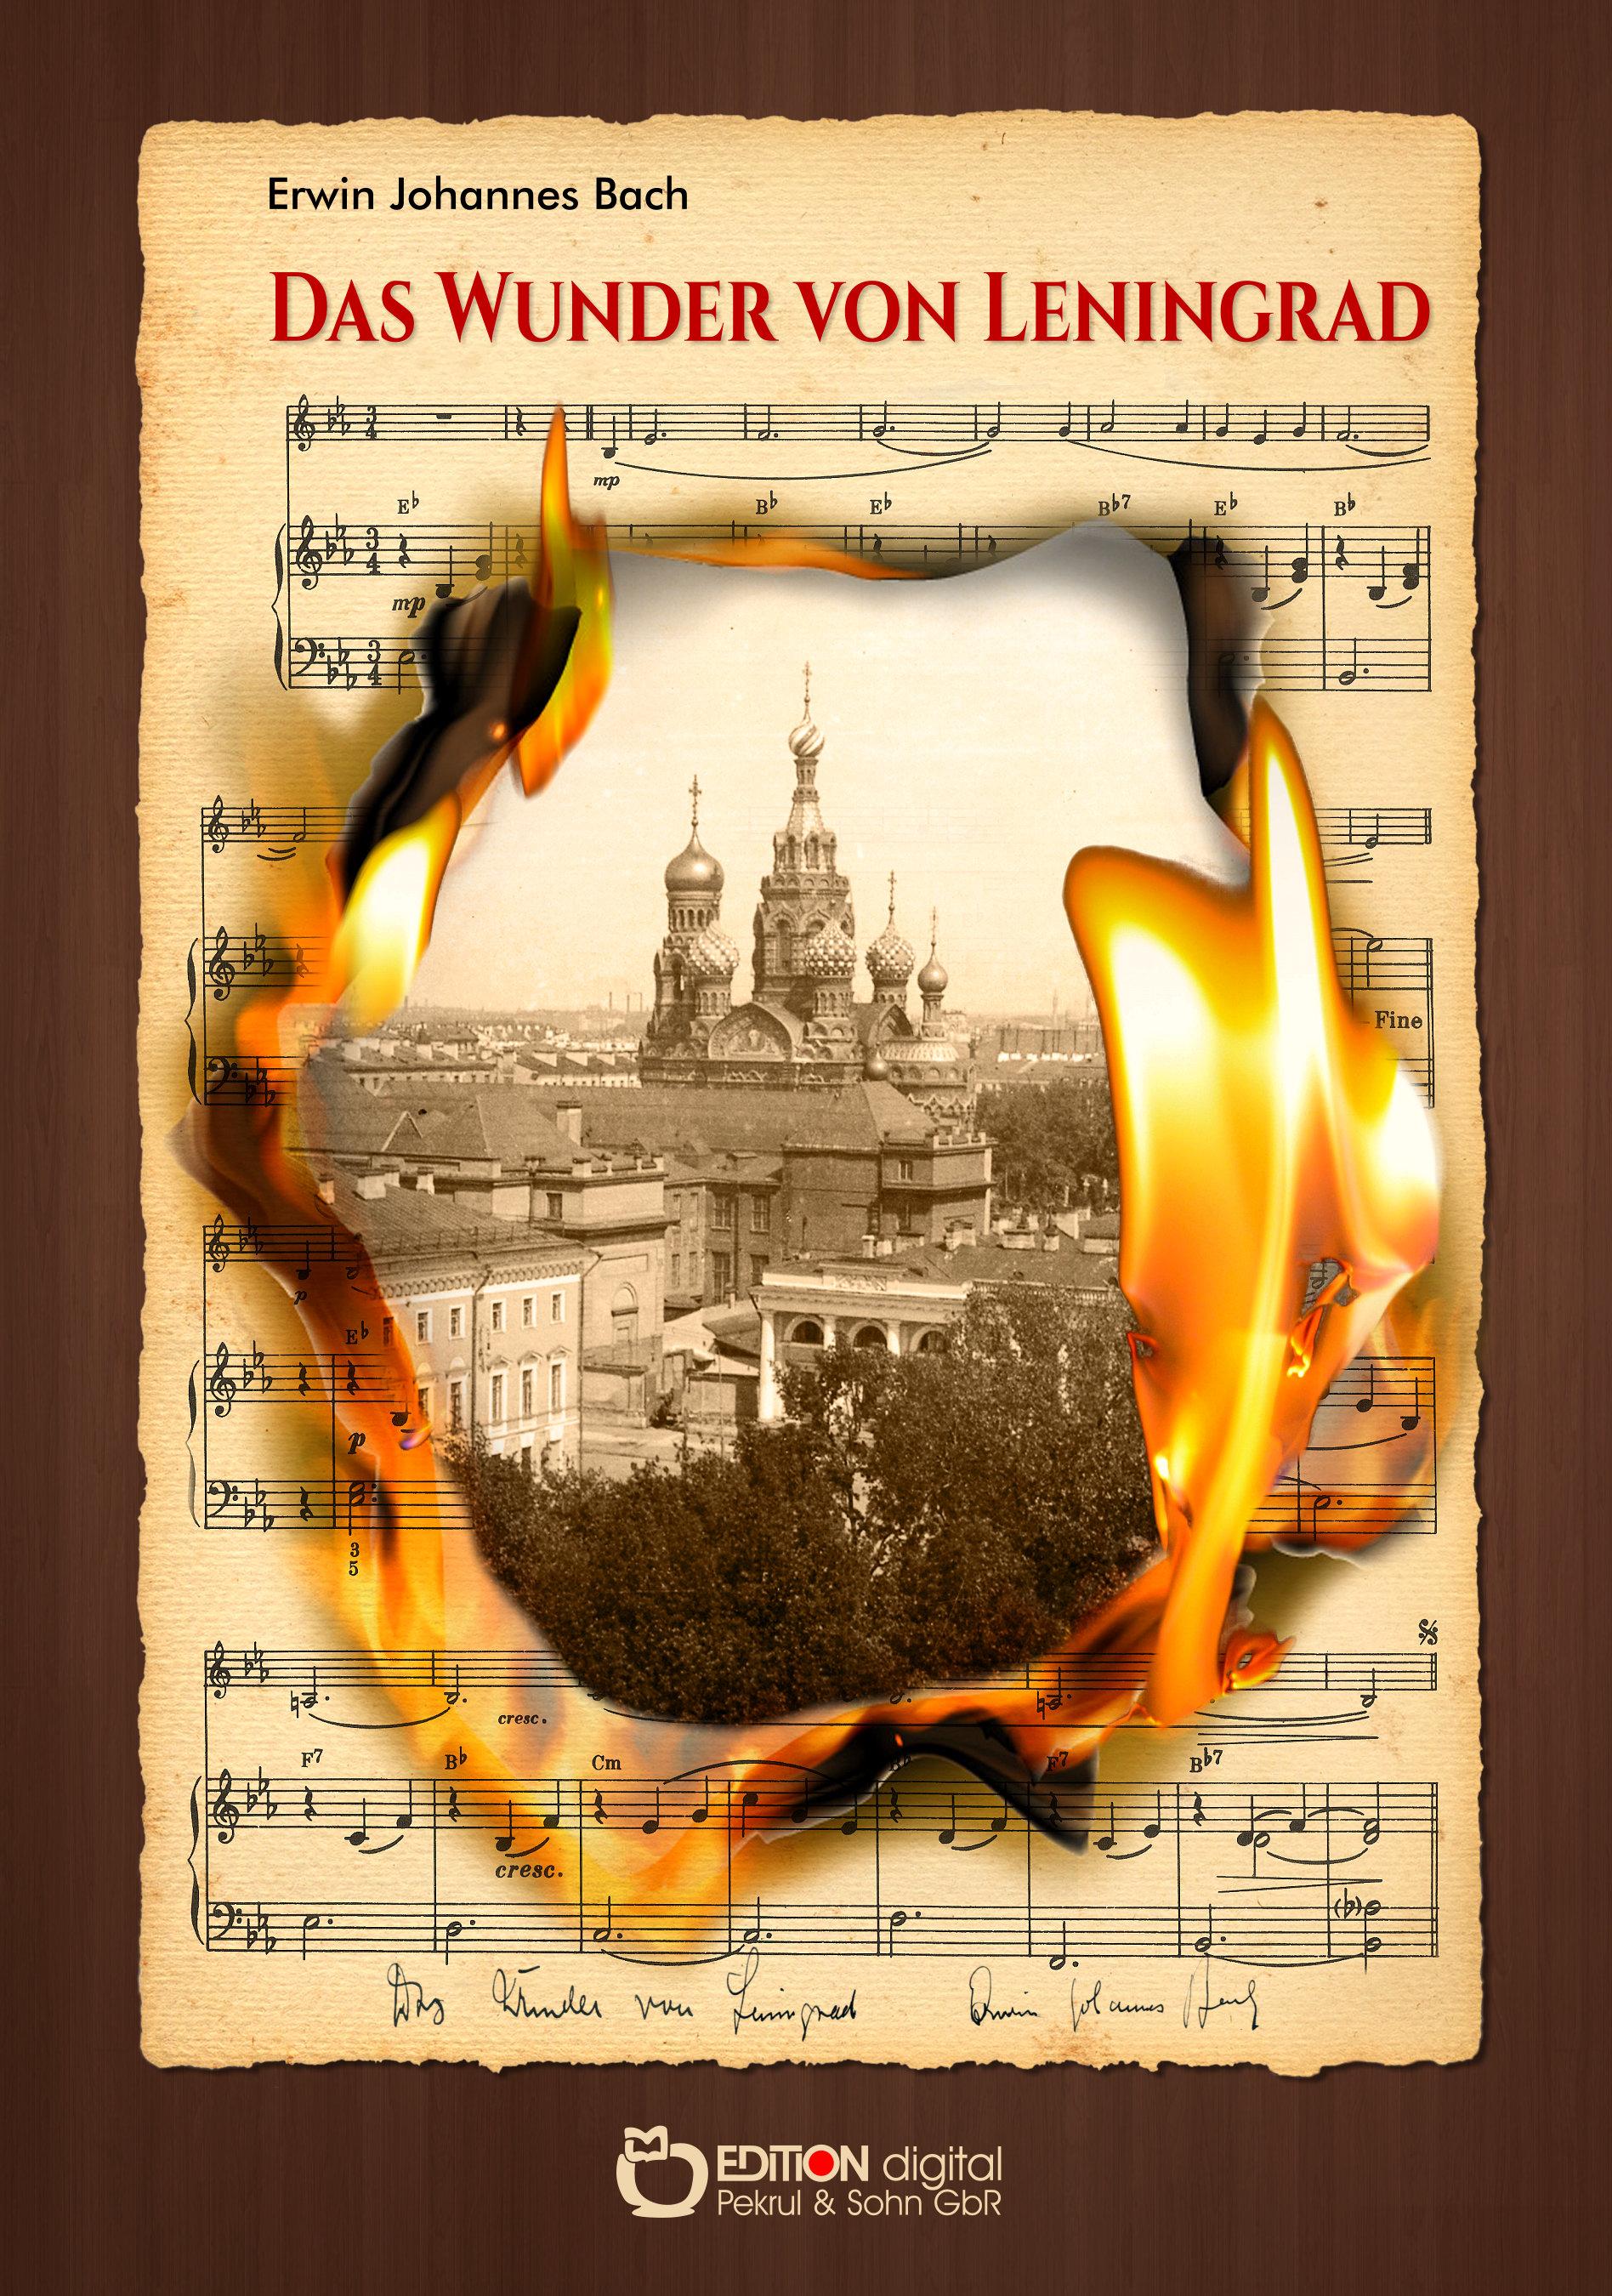 Das Wunder von Leningrad von Erwin Johannes Bach, Aljonna Möckel (Herausgeber), Klaus Möckel (Herausgeber)